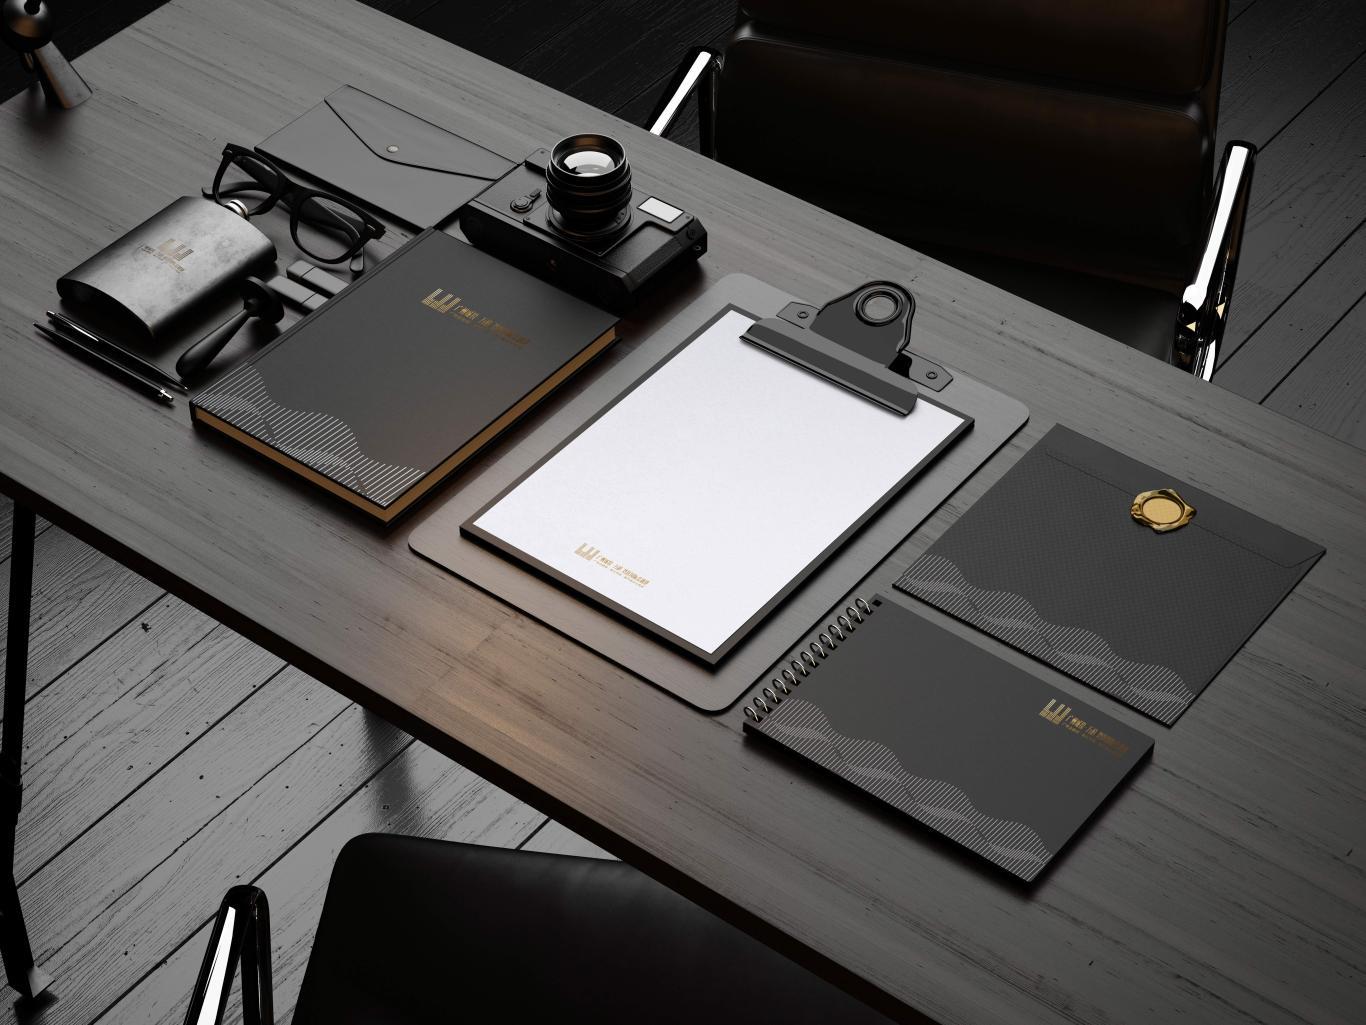 广州城投·万科 湾区国际经融港/品牌包装 VI视觉识别系统设计 地产logo设计图14